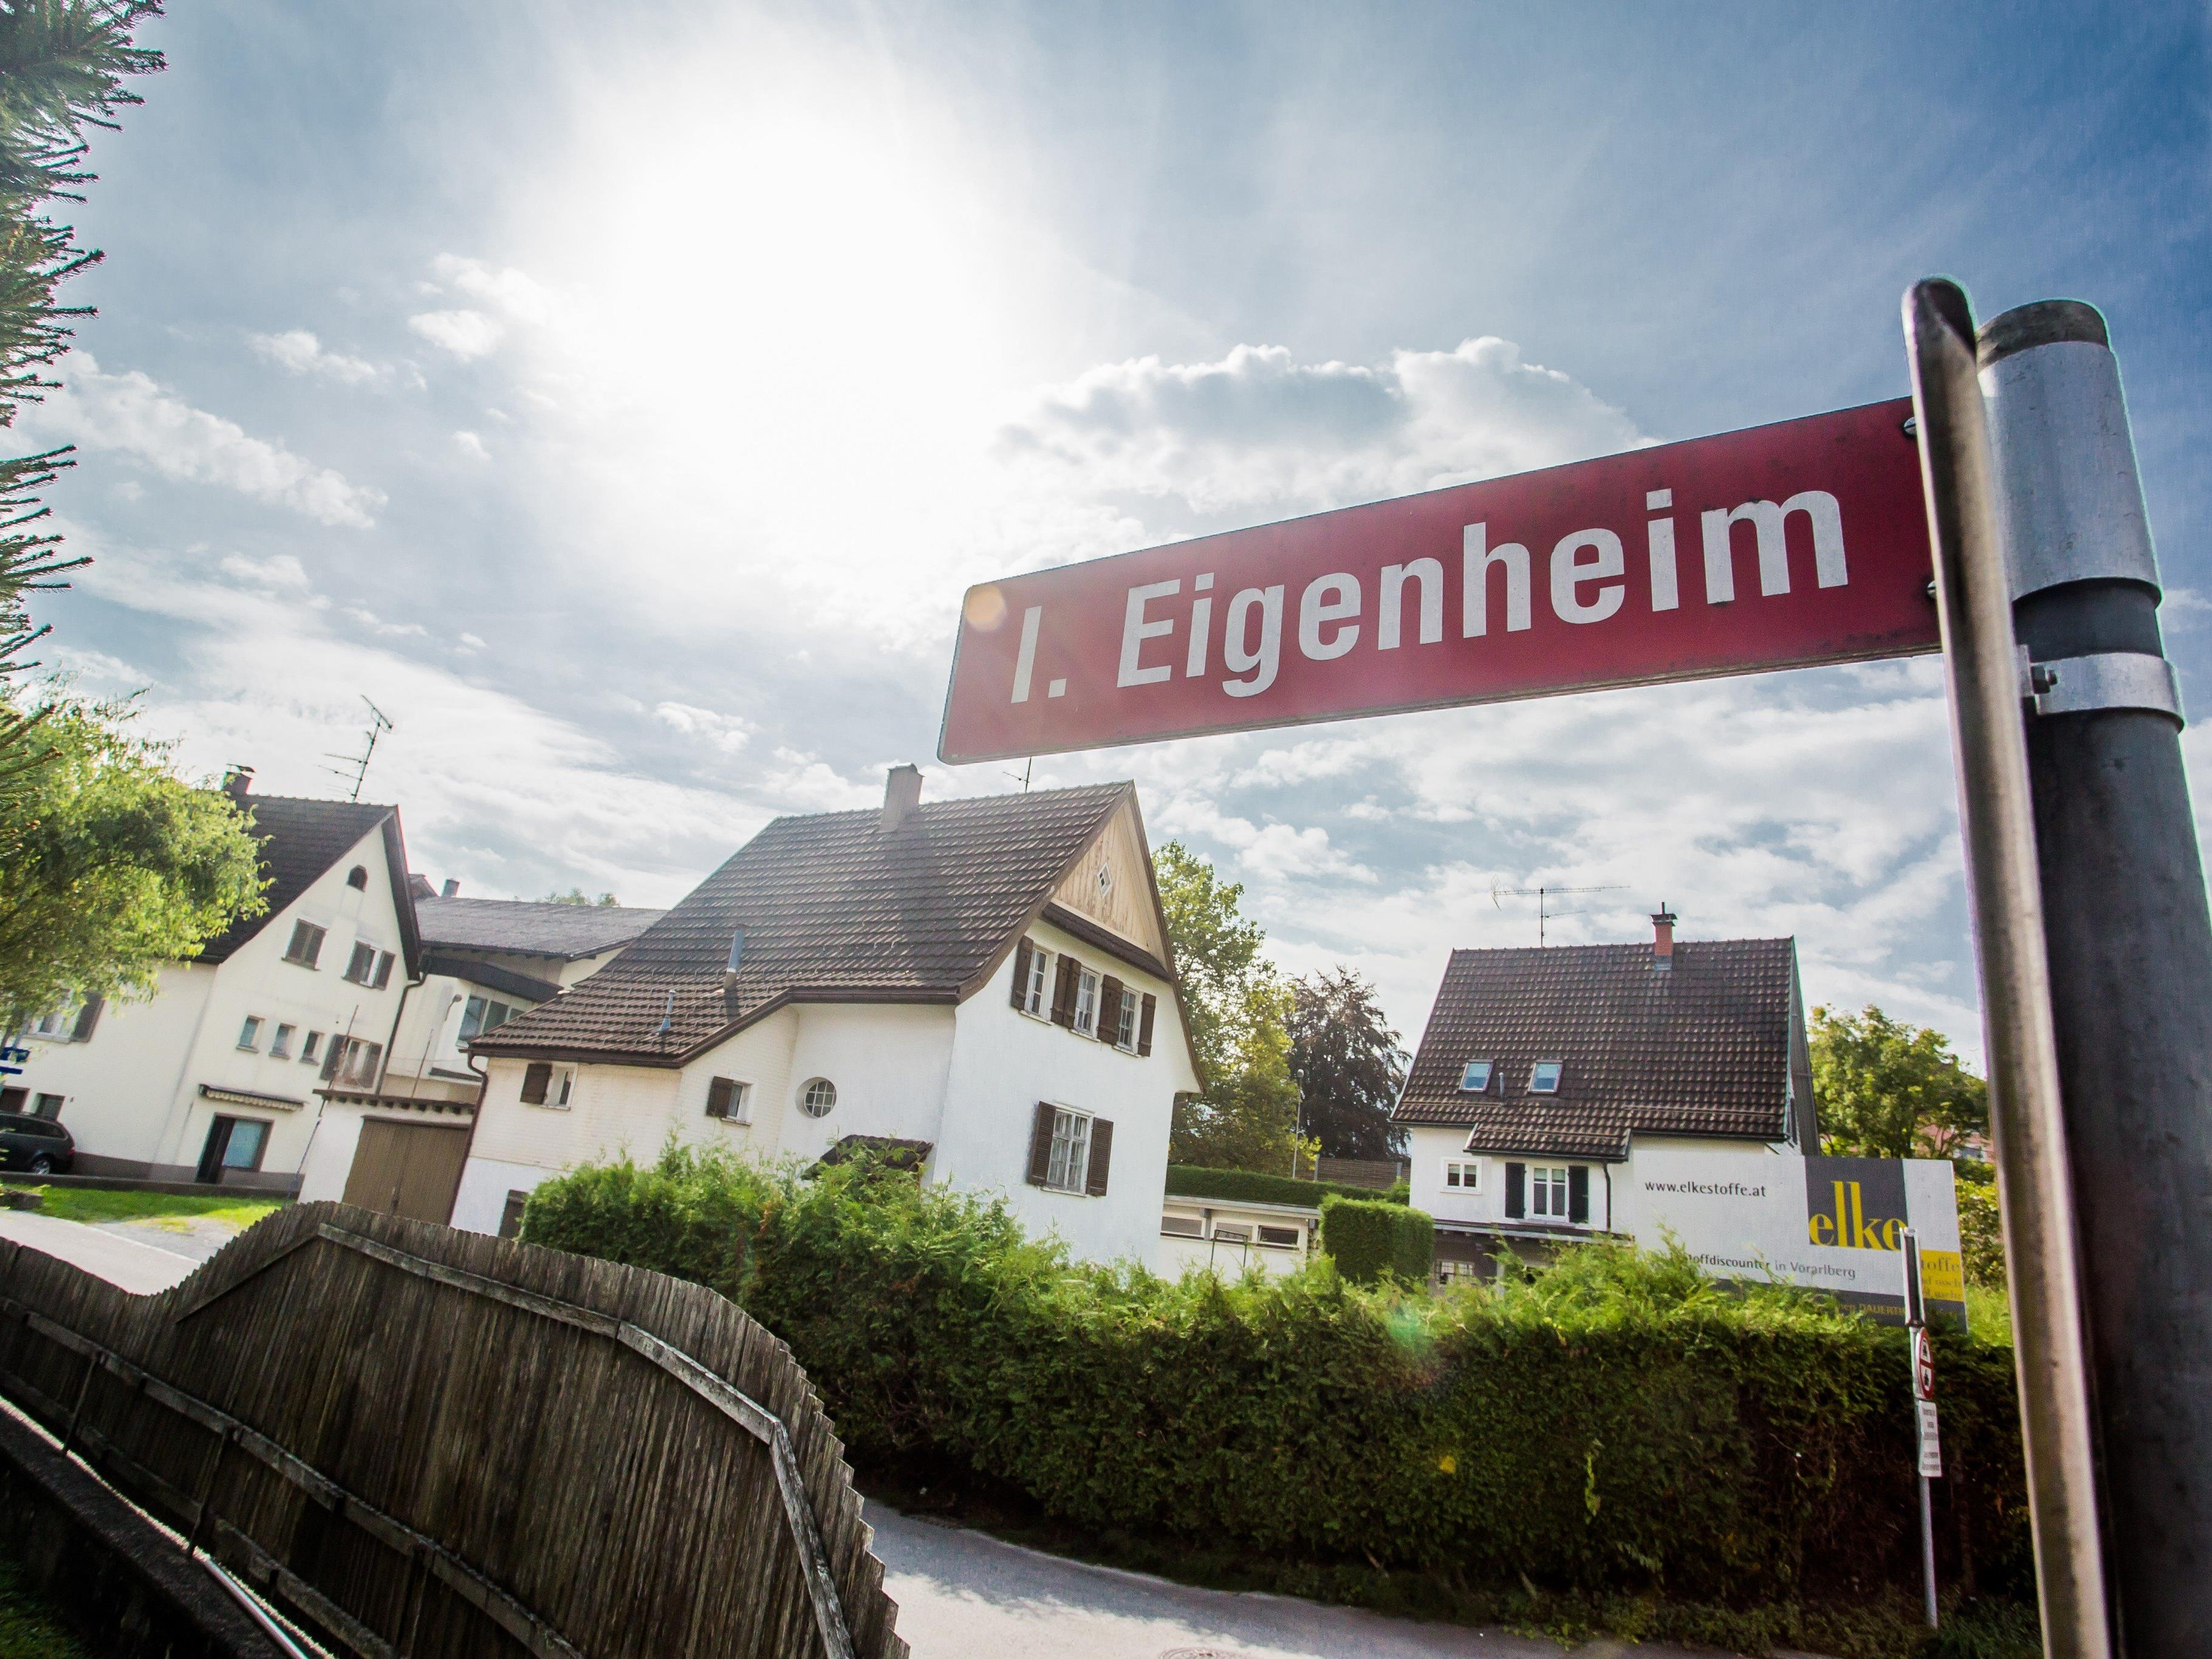 Wohnungspreise stiegen in Österreich 2018 im Schnitt um 8,3 Prozent